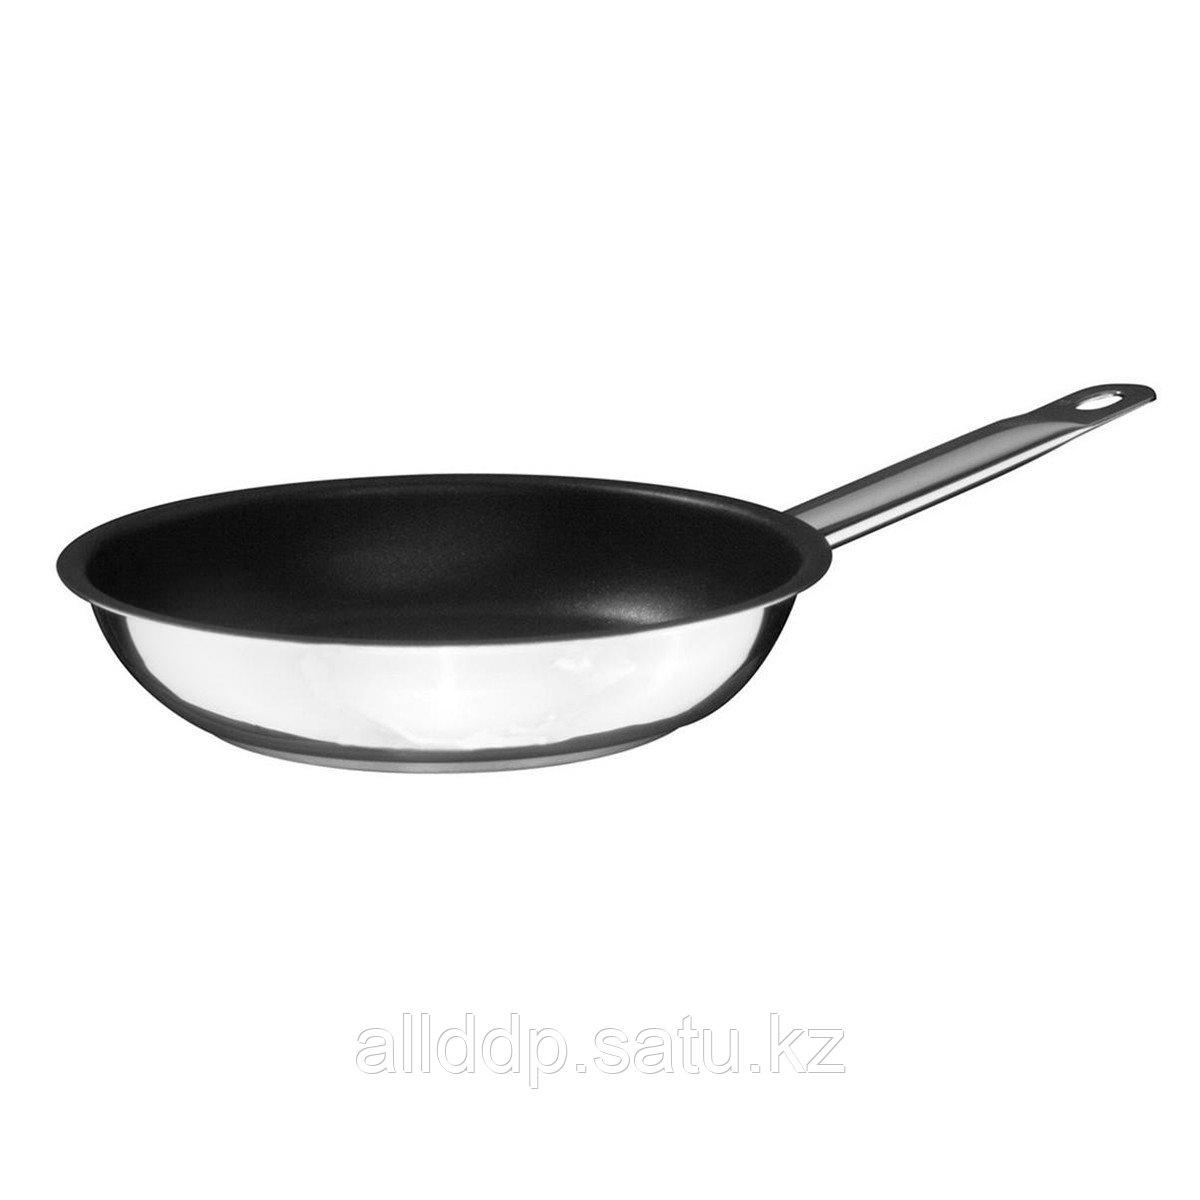 Сковорода профессиональная, 32 см, сталь, тефл.покрытие